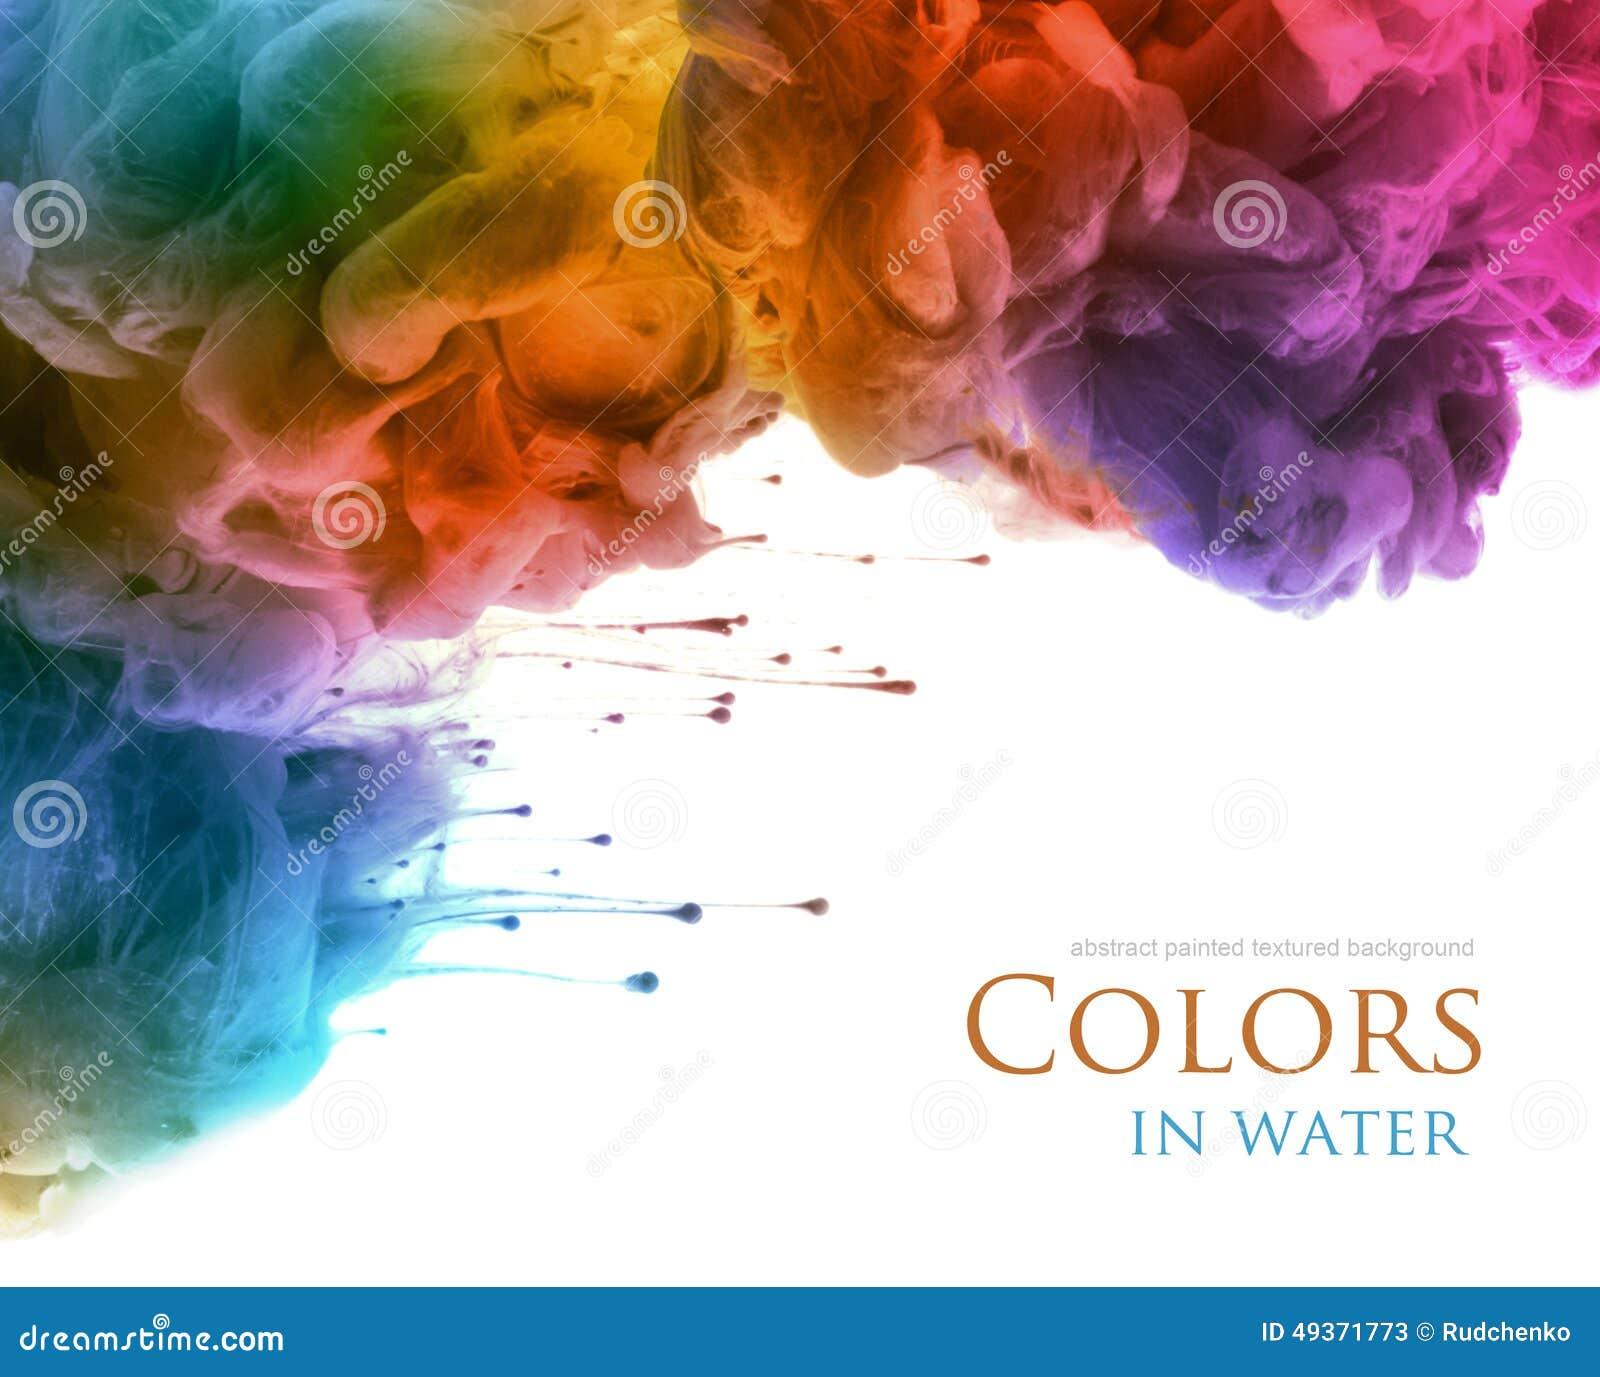 Ακρυλικά χρώματα και μελάνι στο νερό αφηρημένη ανασκόπηση